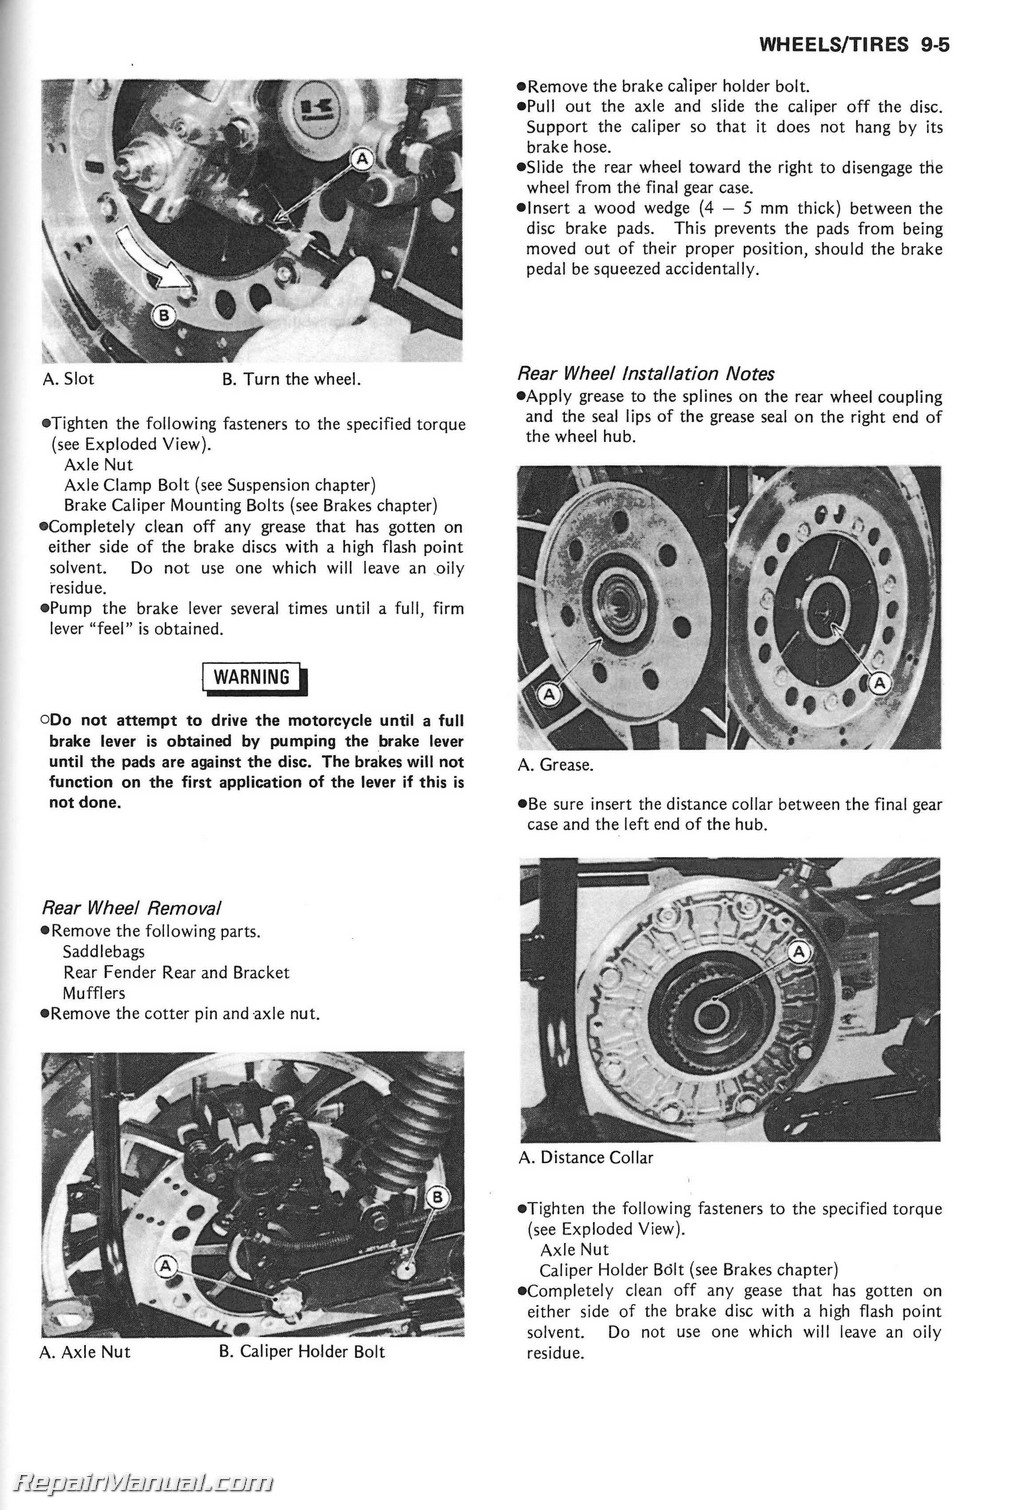 kawasaki voyager xii manual pdf